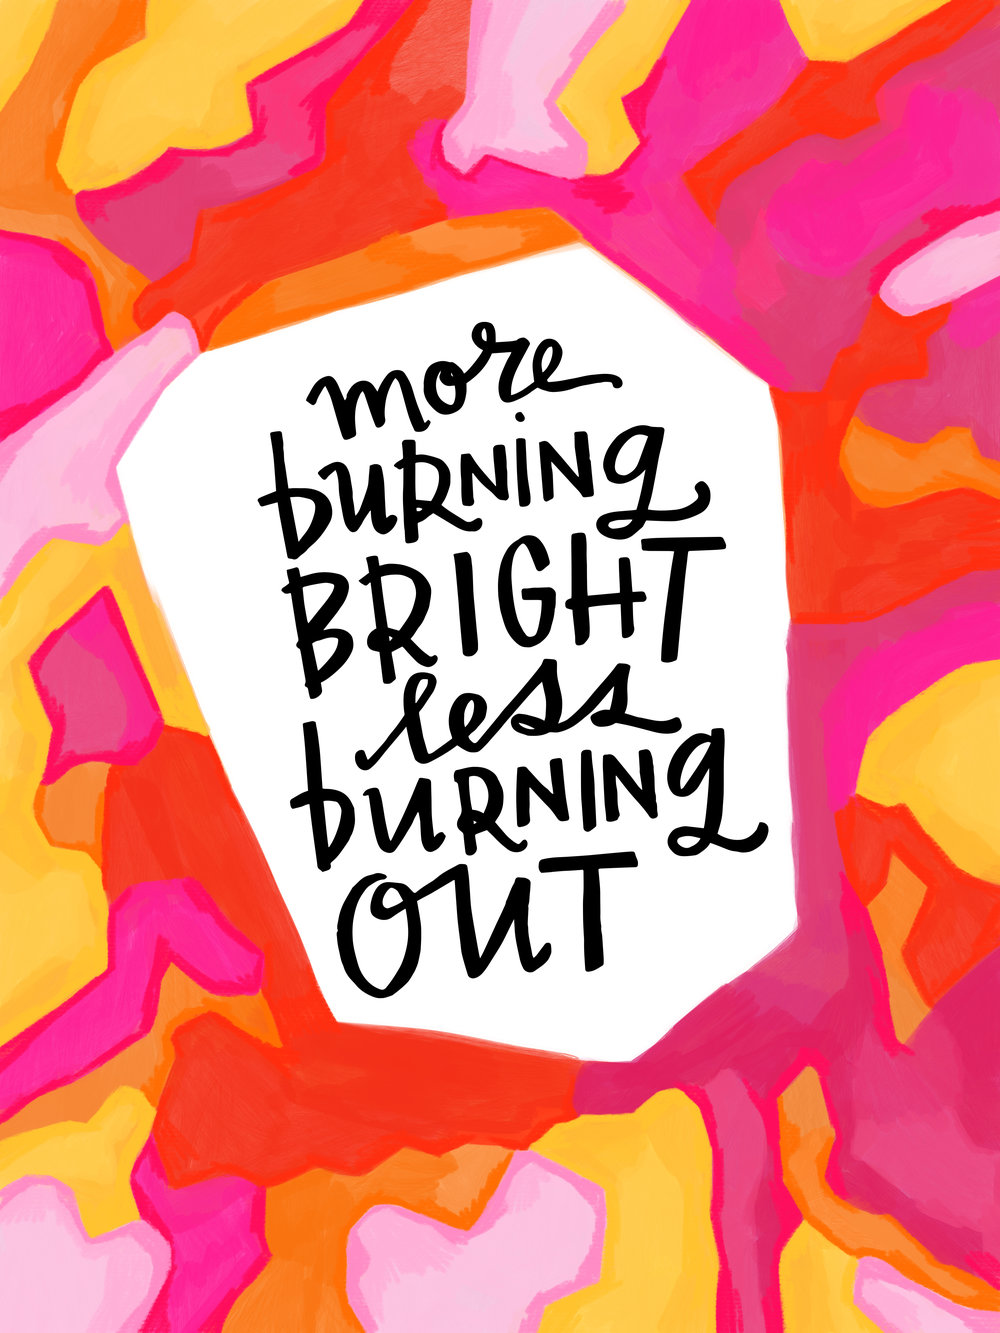 5/2/16: Bright